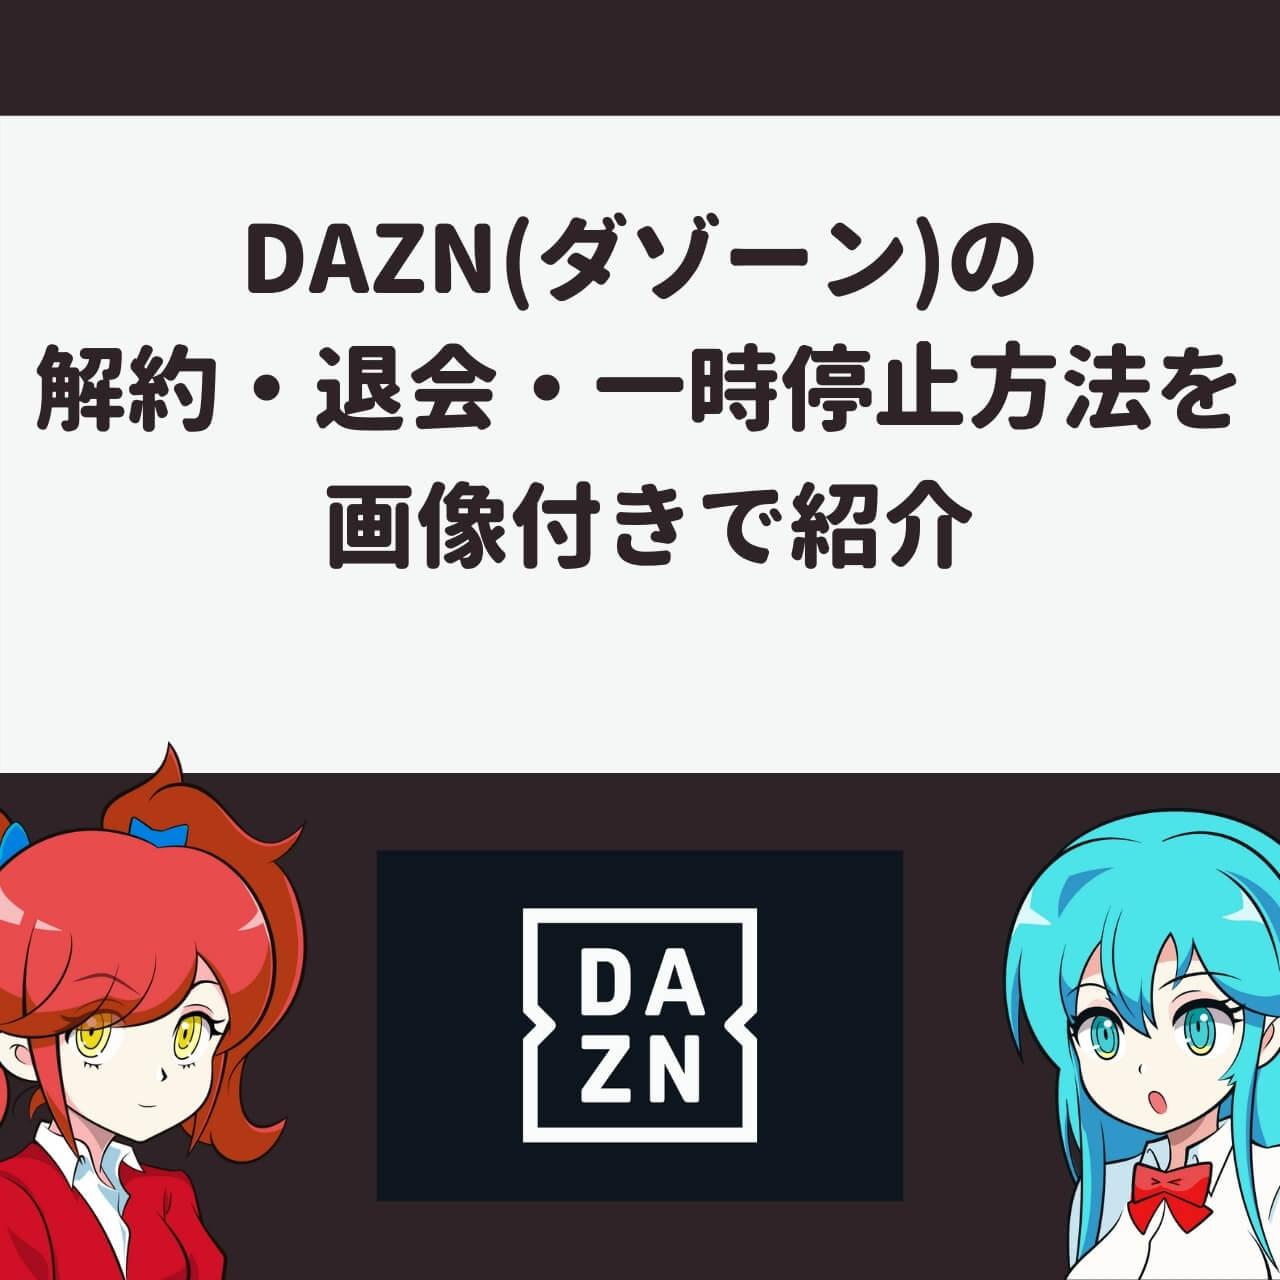 DAZN(ダゾーン)の解約・退会・一時停止方法を画像付きで紹介